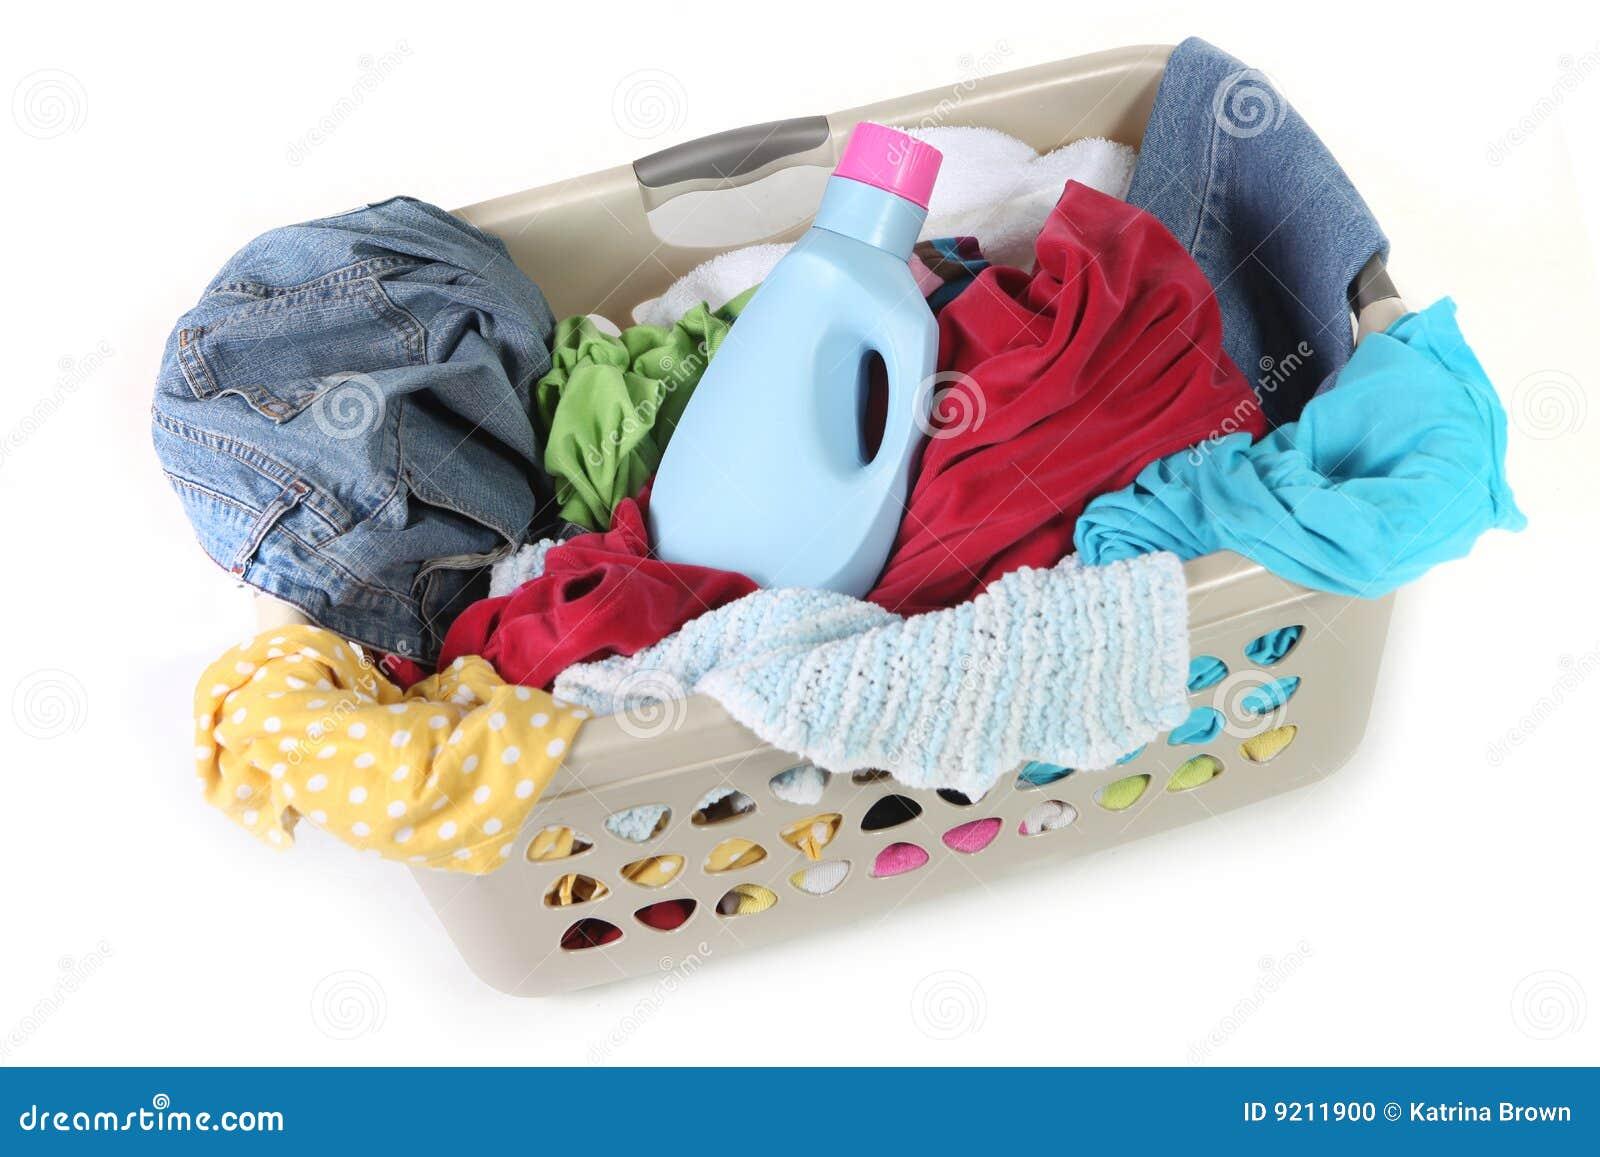 Ropa sucia en una cesta de lavadero que espera para ser wa - Cesta ropa sucia ...